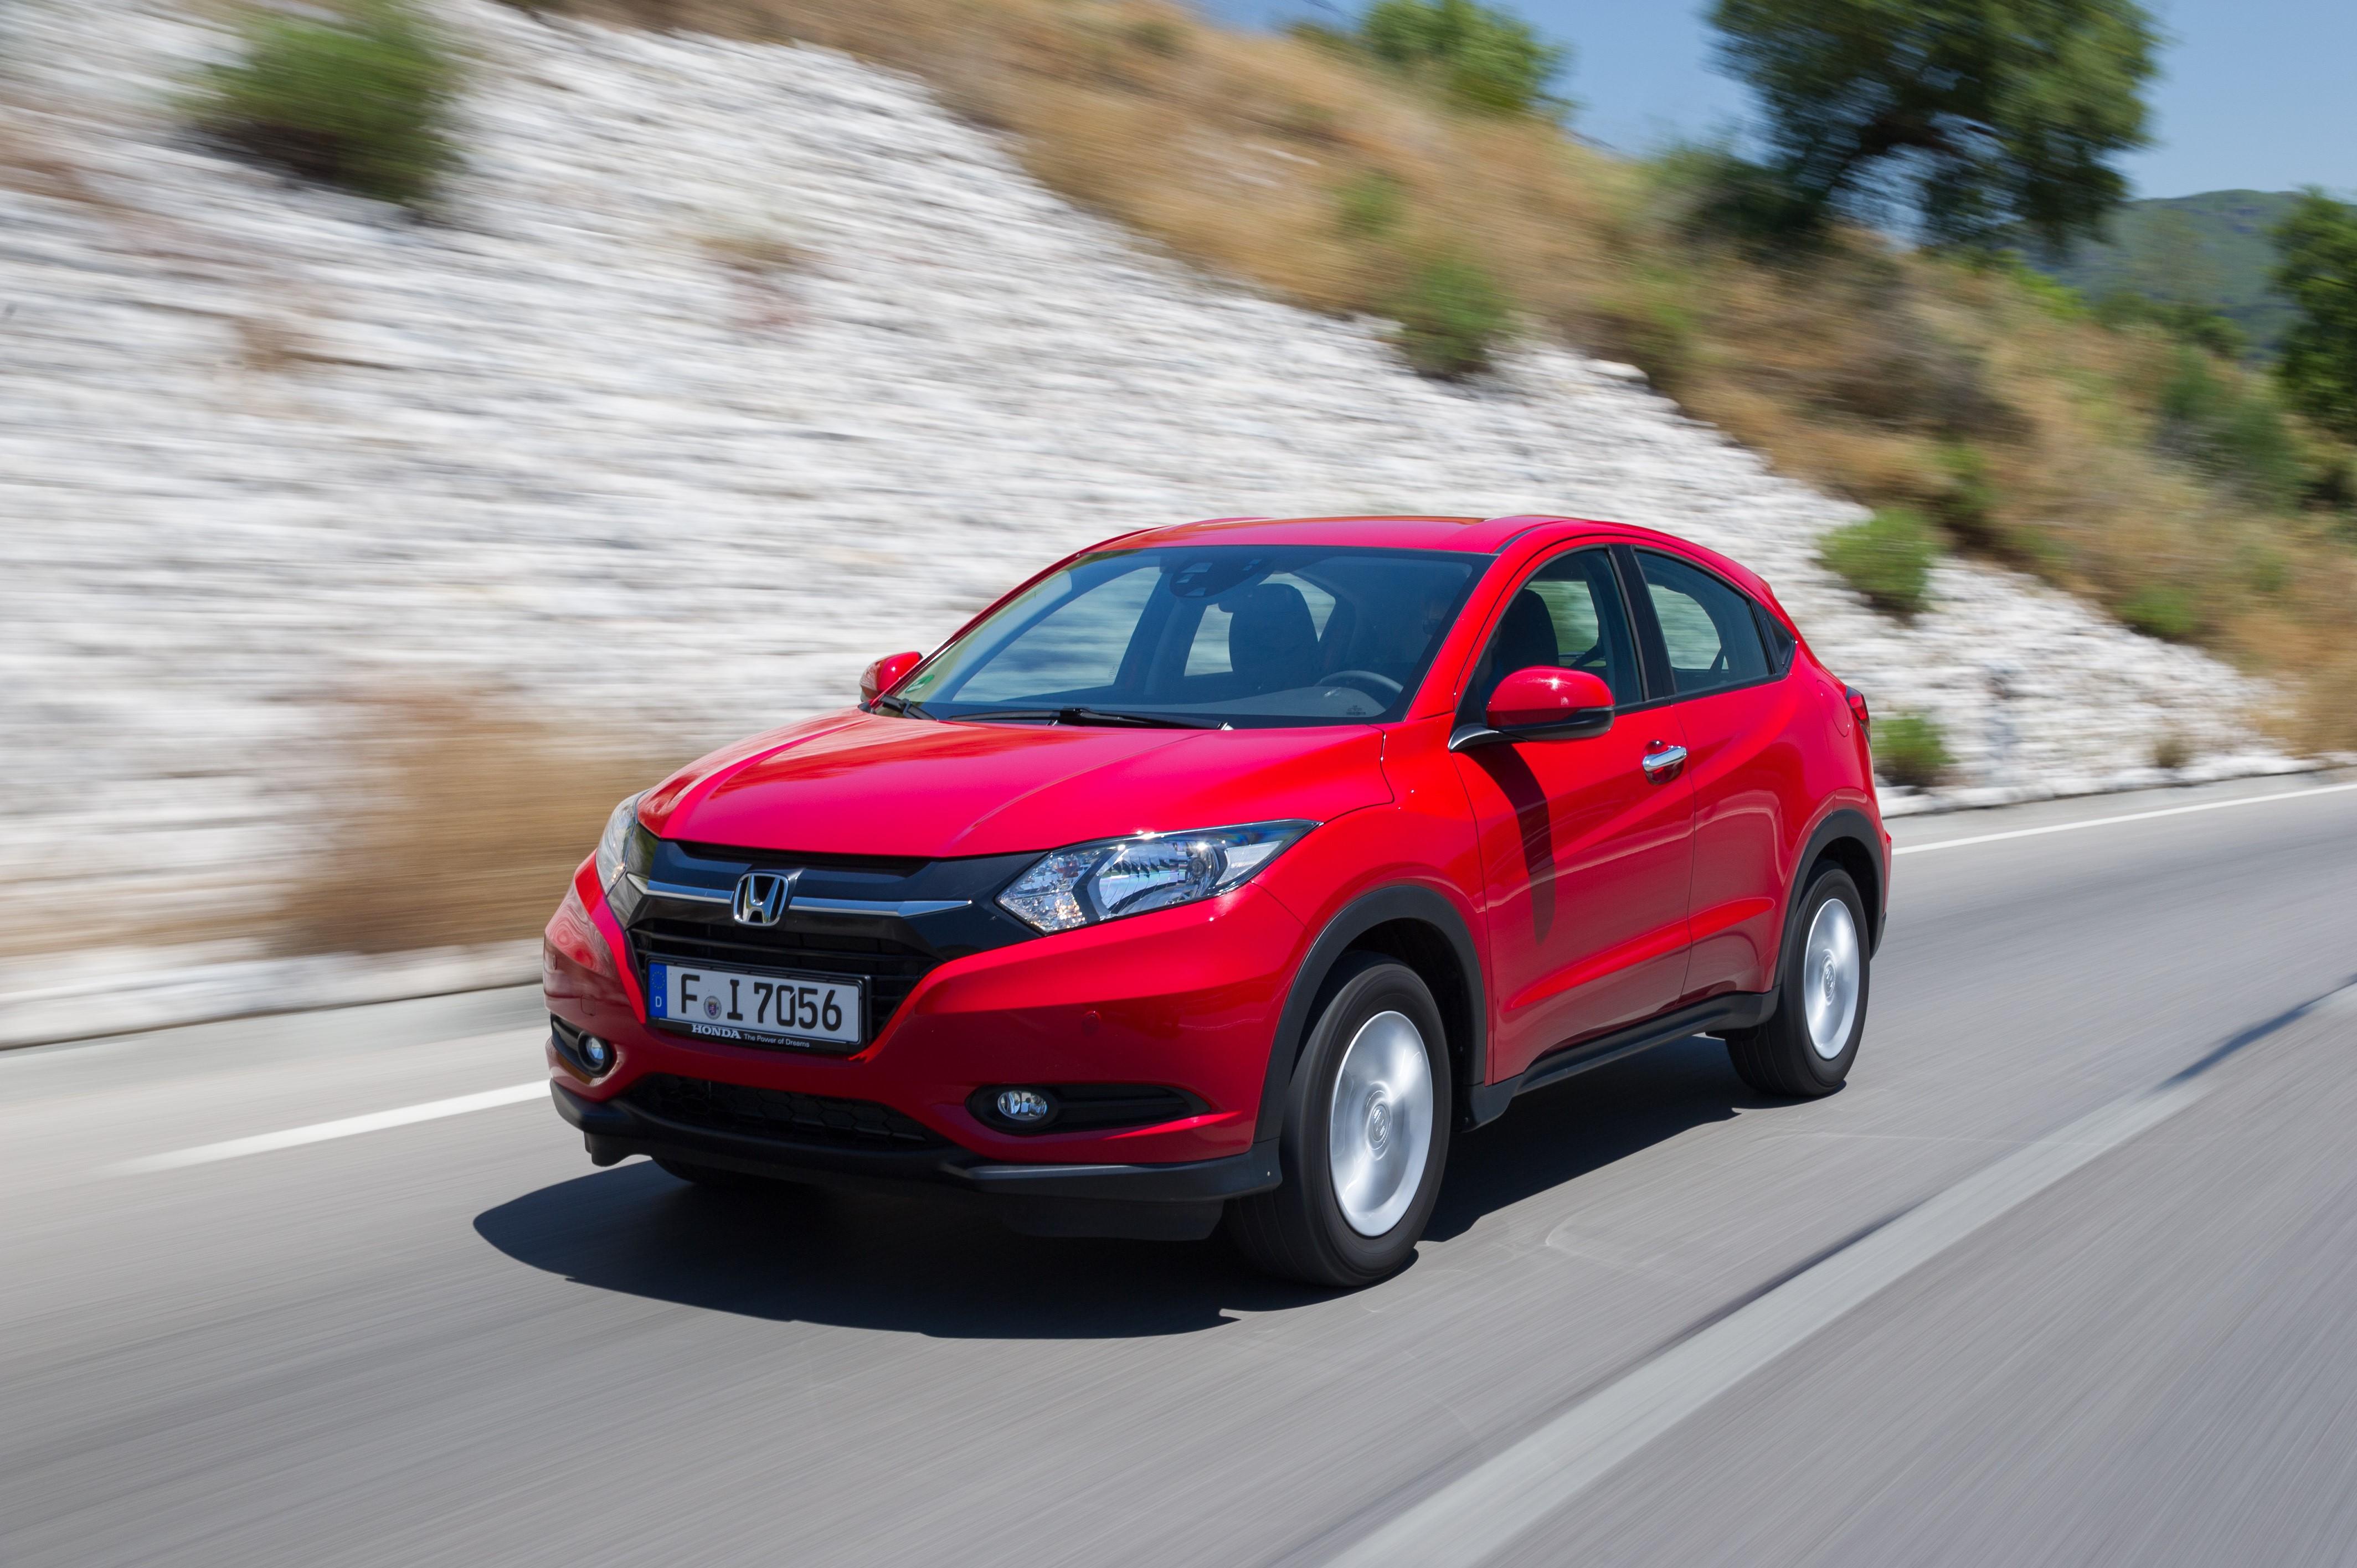 Honda'dan CR-V'de taksit öteleme, HR-V'de özel fiyat ve Type R'da sabit kur fırsatı